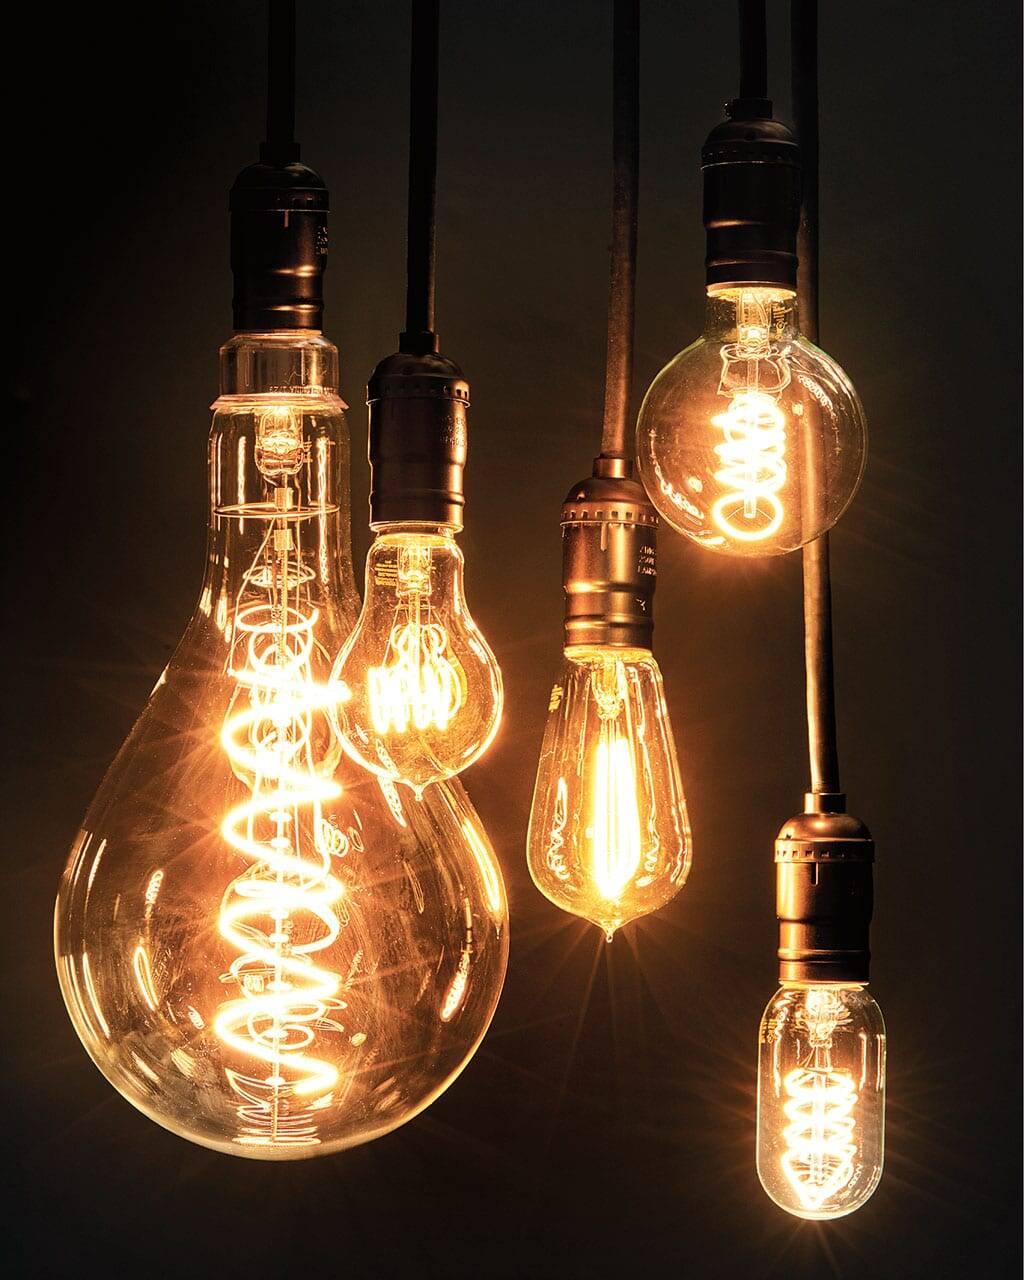 月影灯饰加入上海浦东智能照明联合会,推动智能照明发展